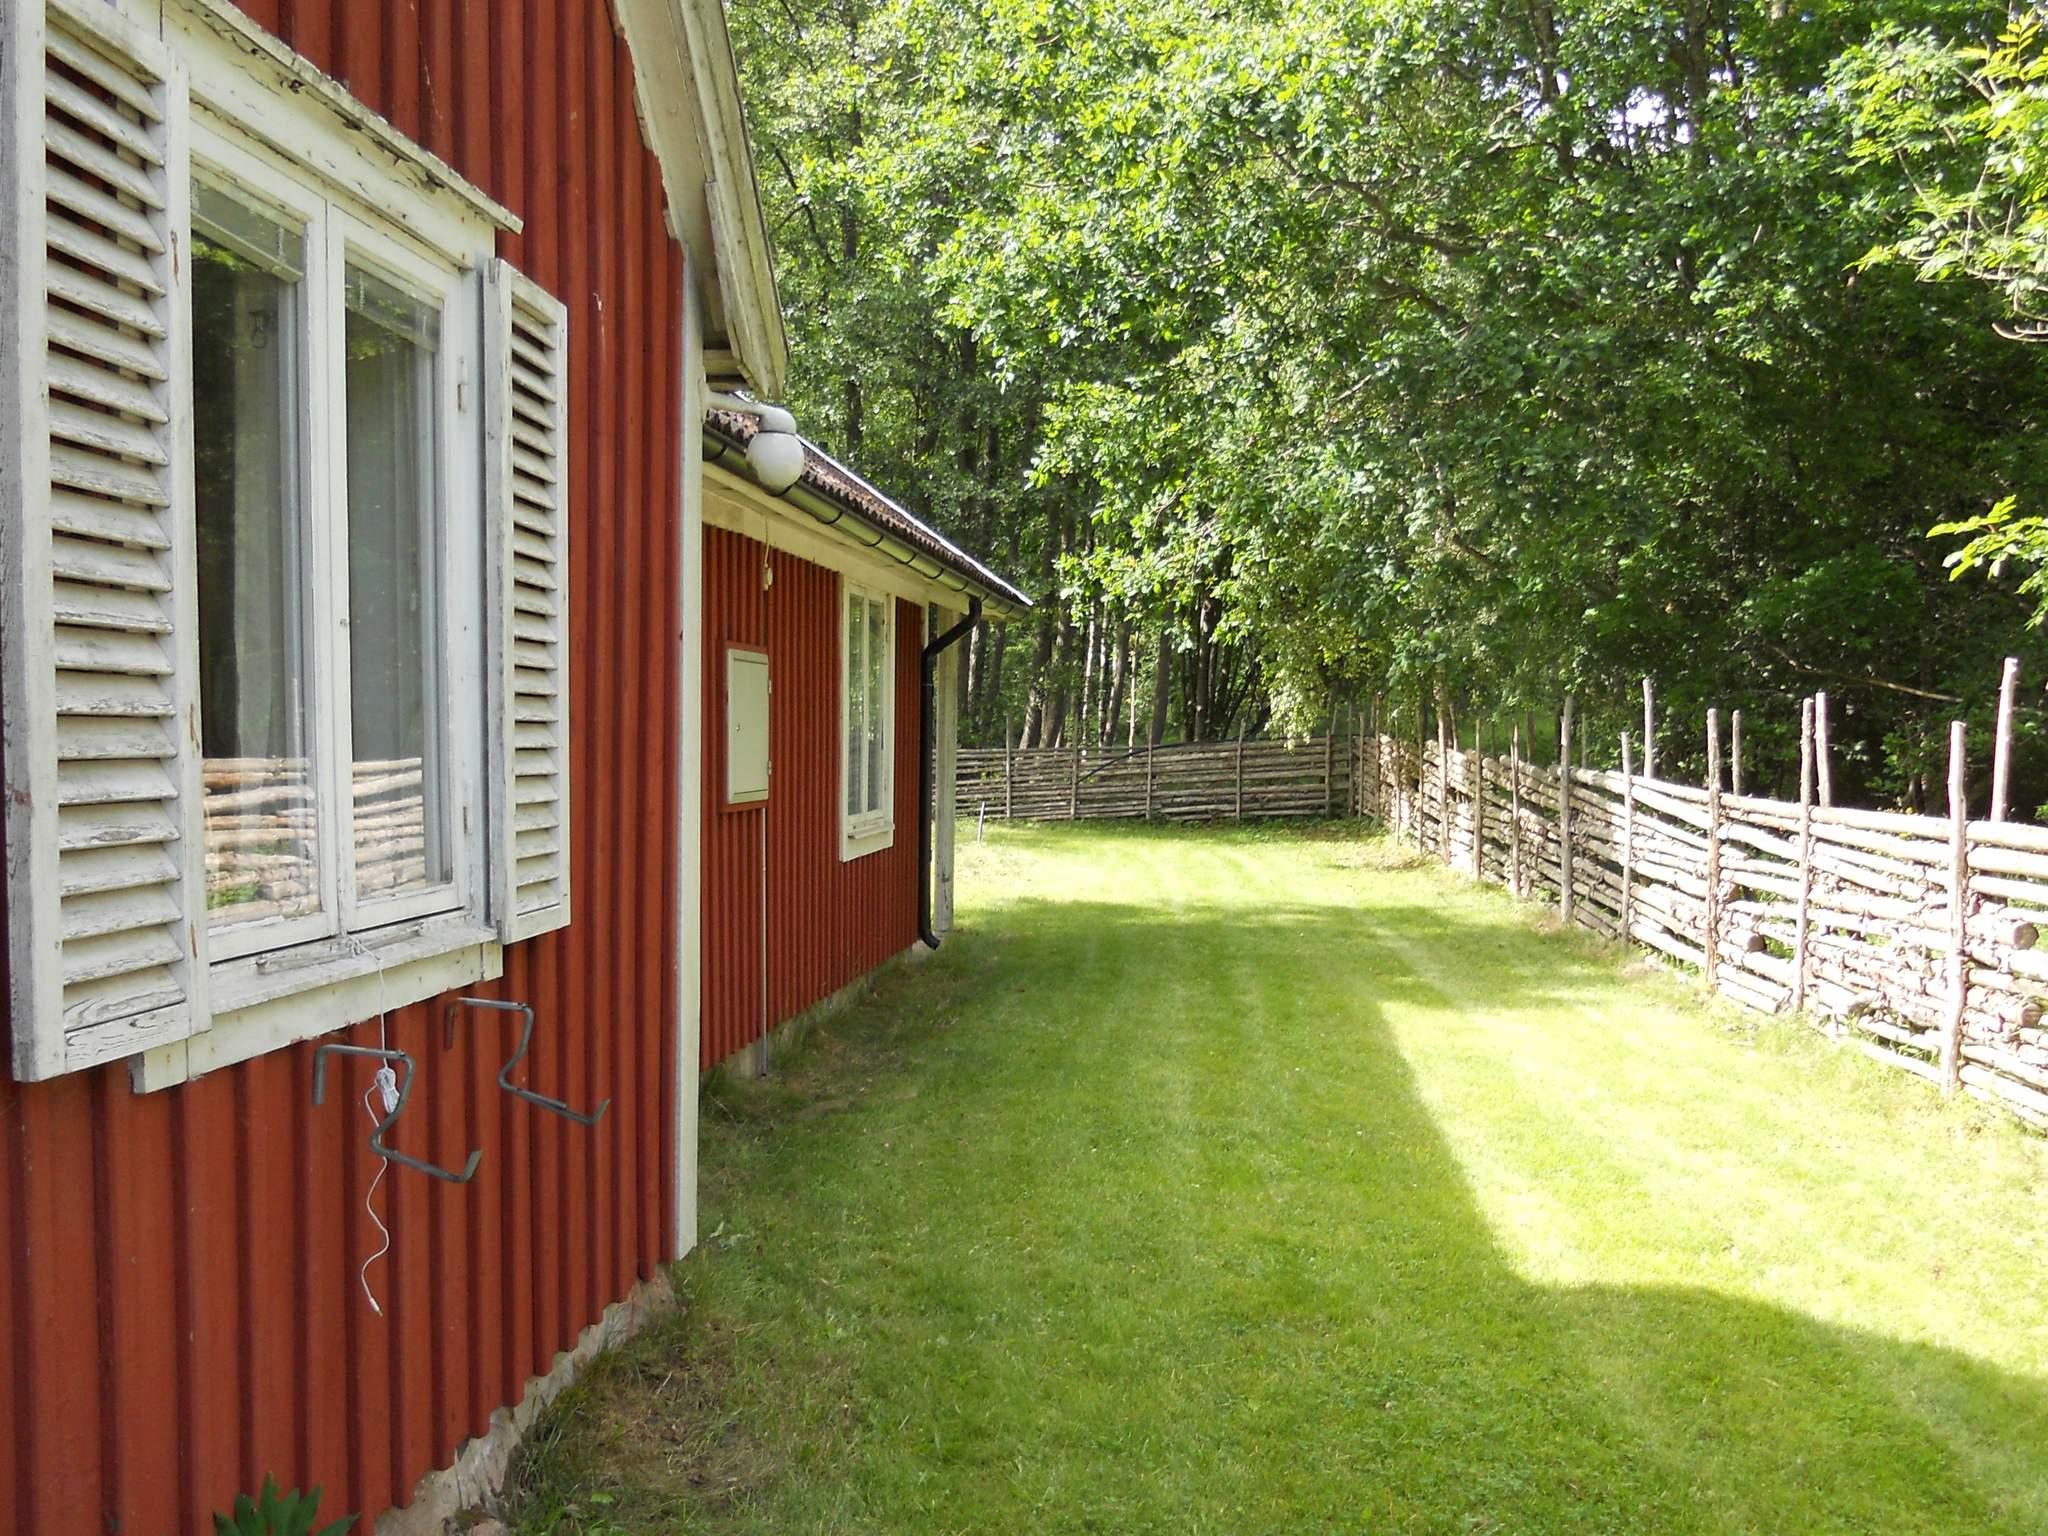 Ferienhaus Gullabo (491994), Gullabo, Kalmar län, Südschweden, Schweden, Bild 11